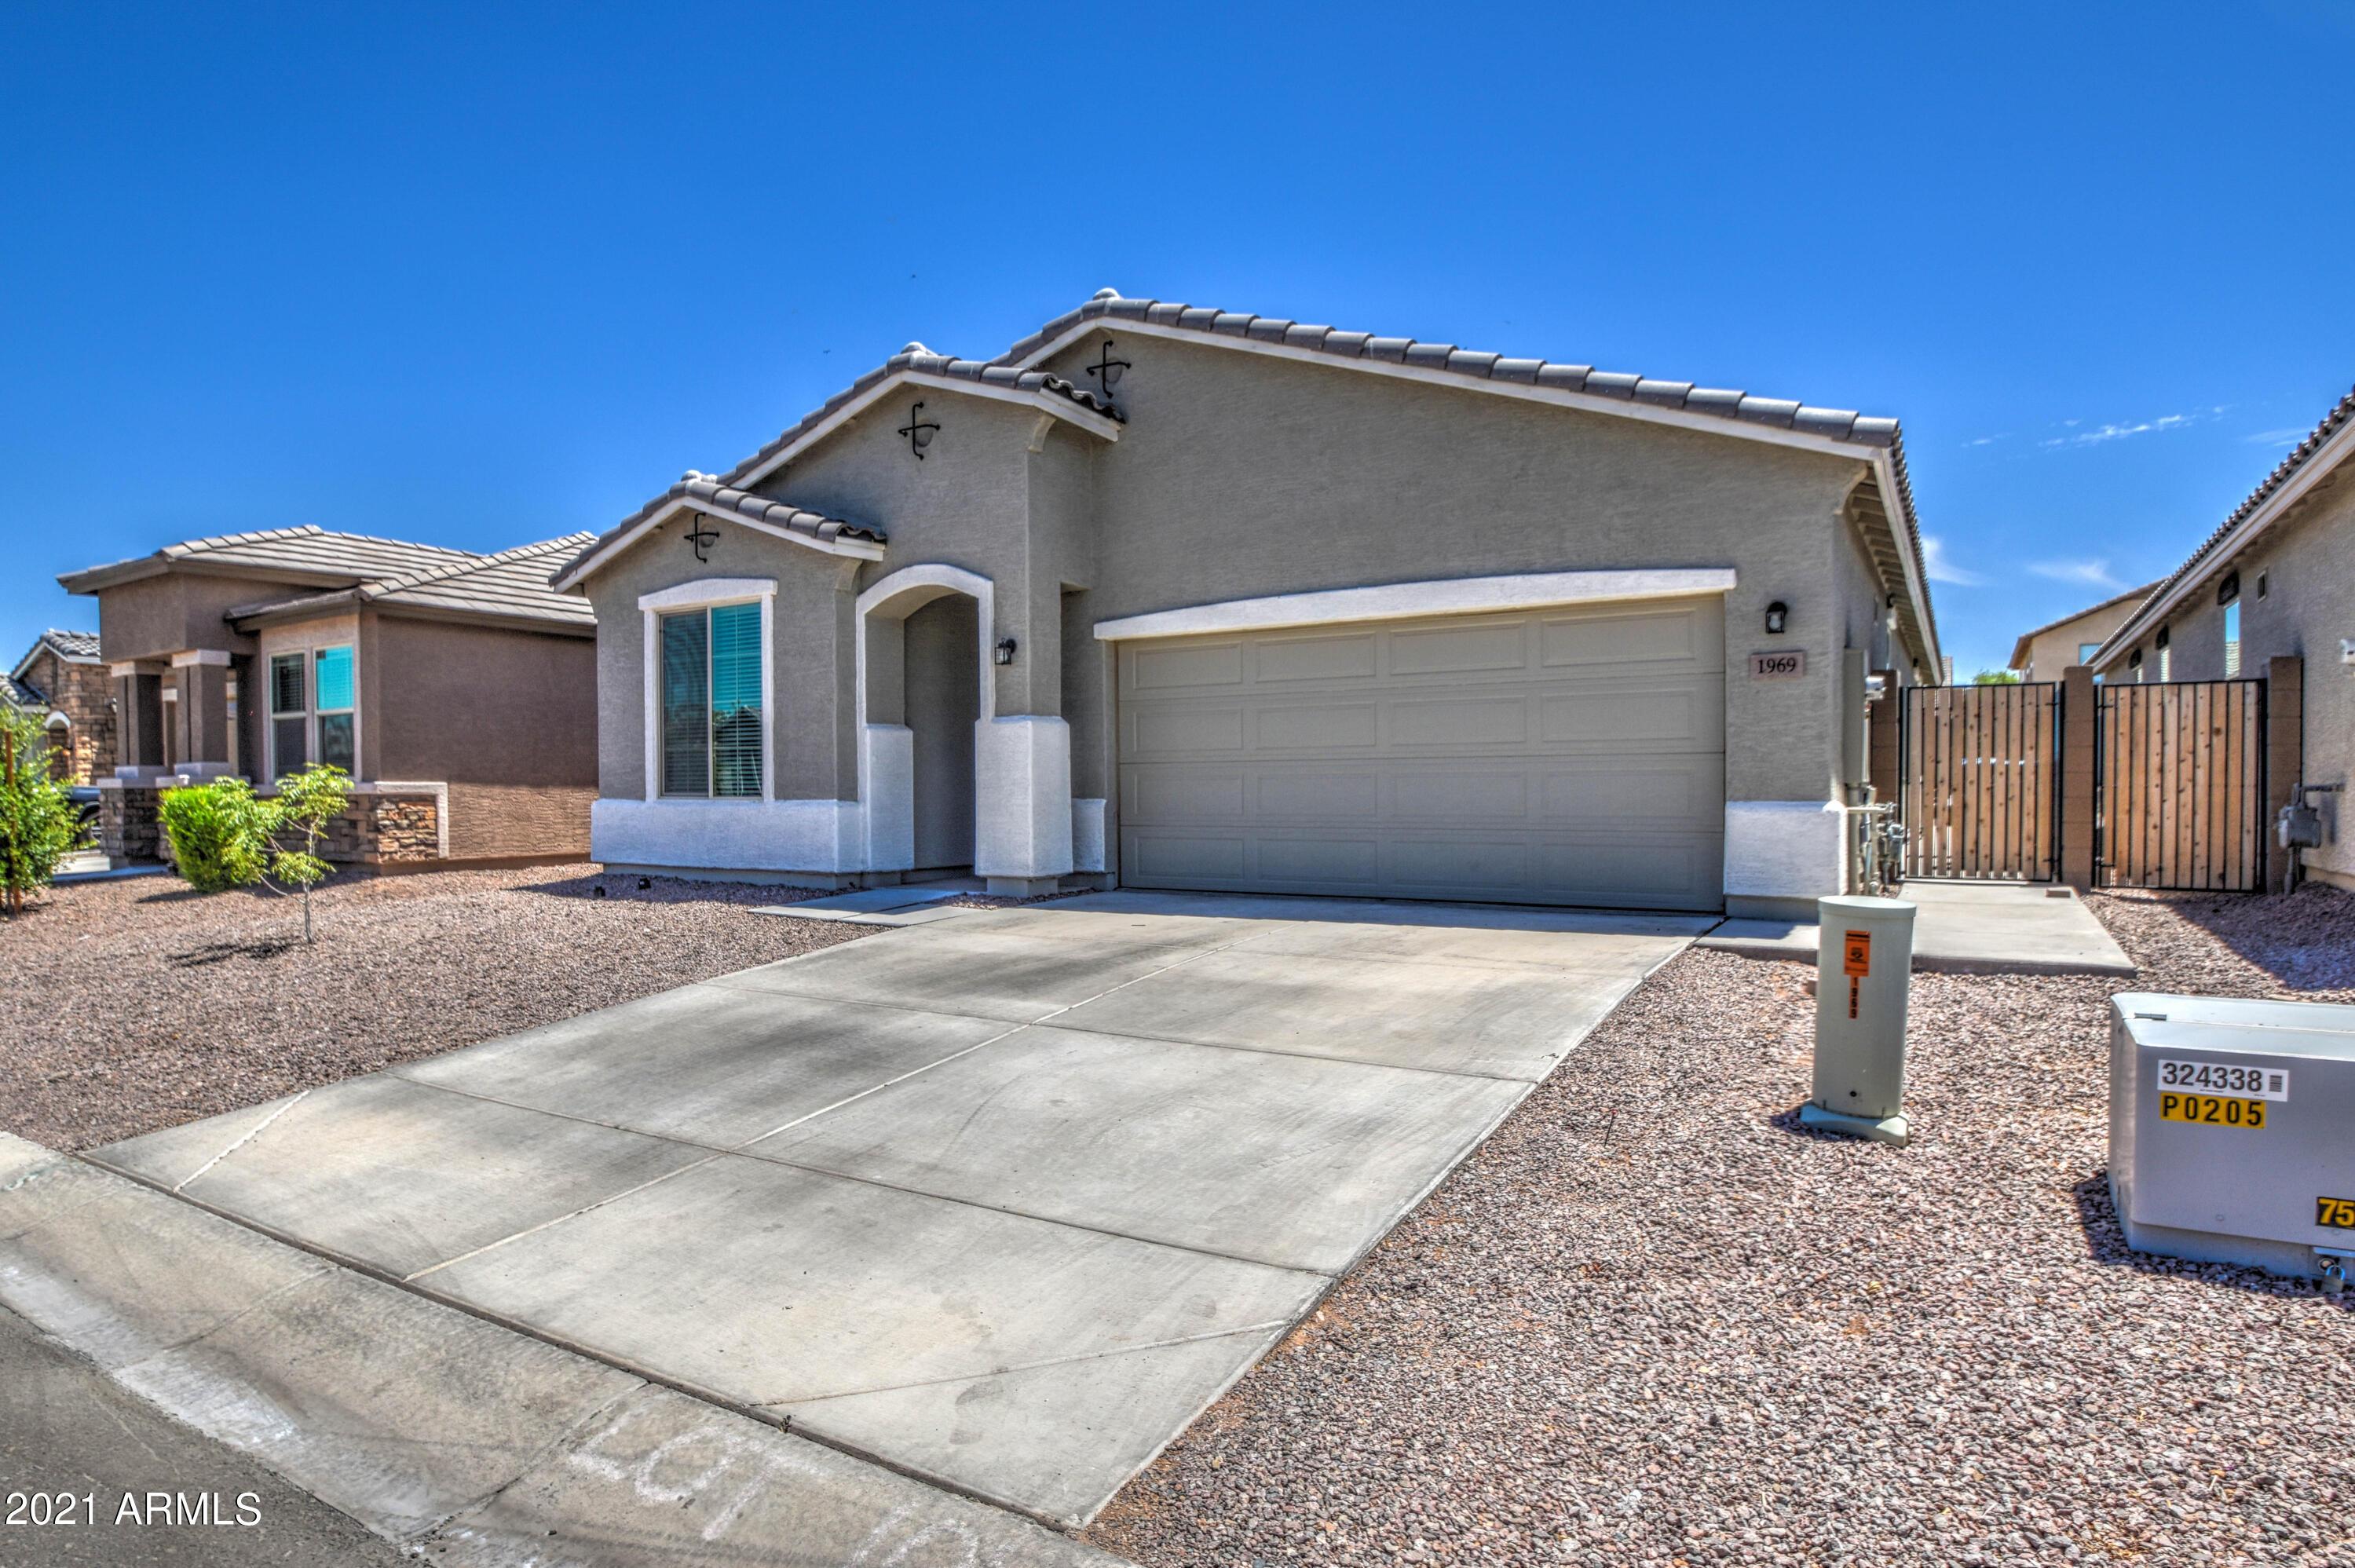 1969 EMRIE Avenue, Queen Creek, Arizona 85142, 3 Bedrooms Bedrooms, ,2 BathroomsBathrooms,Residential,For Sale,EMRIE,6239523